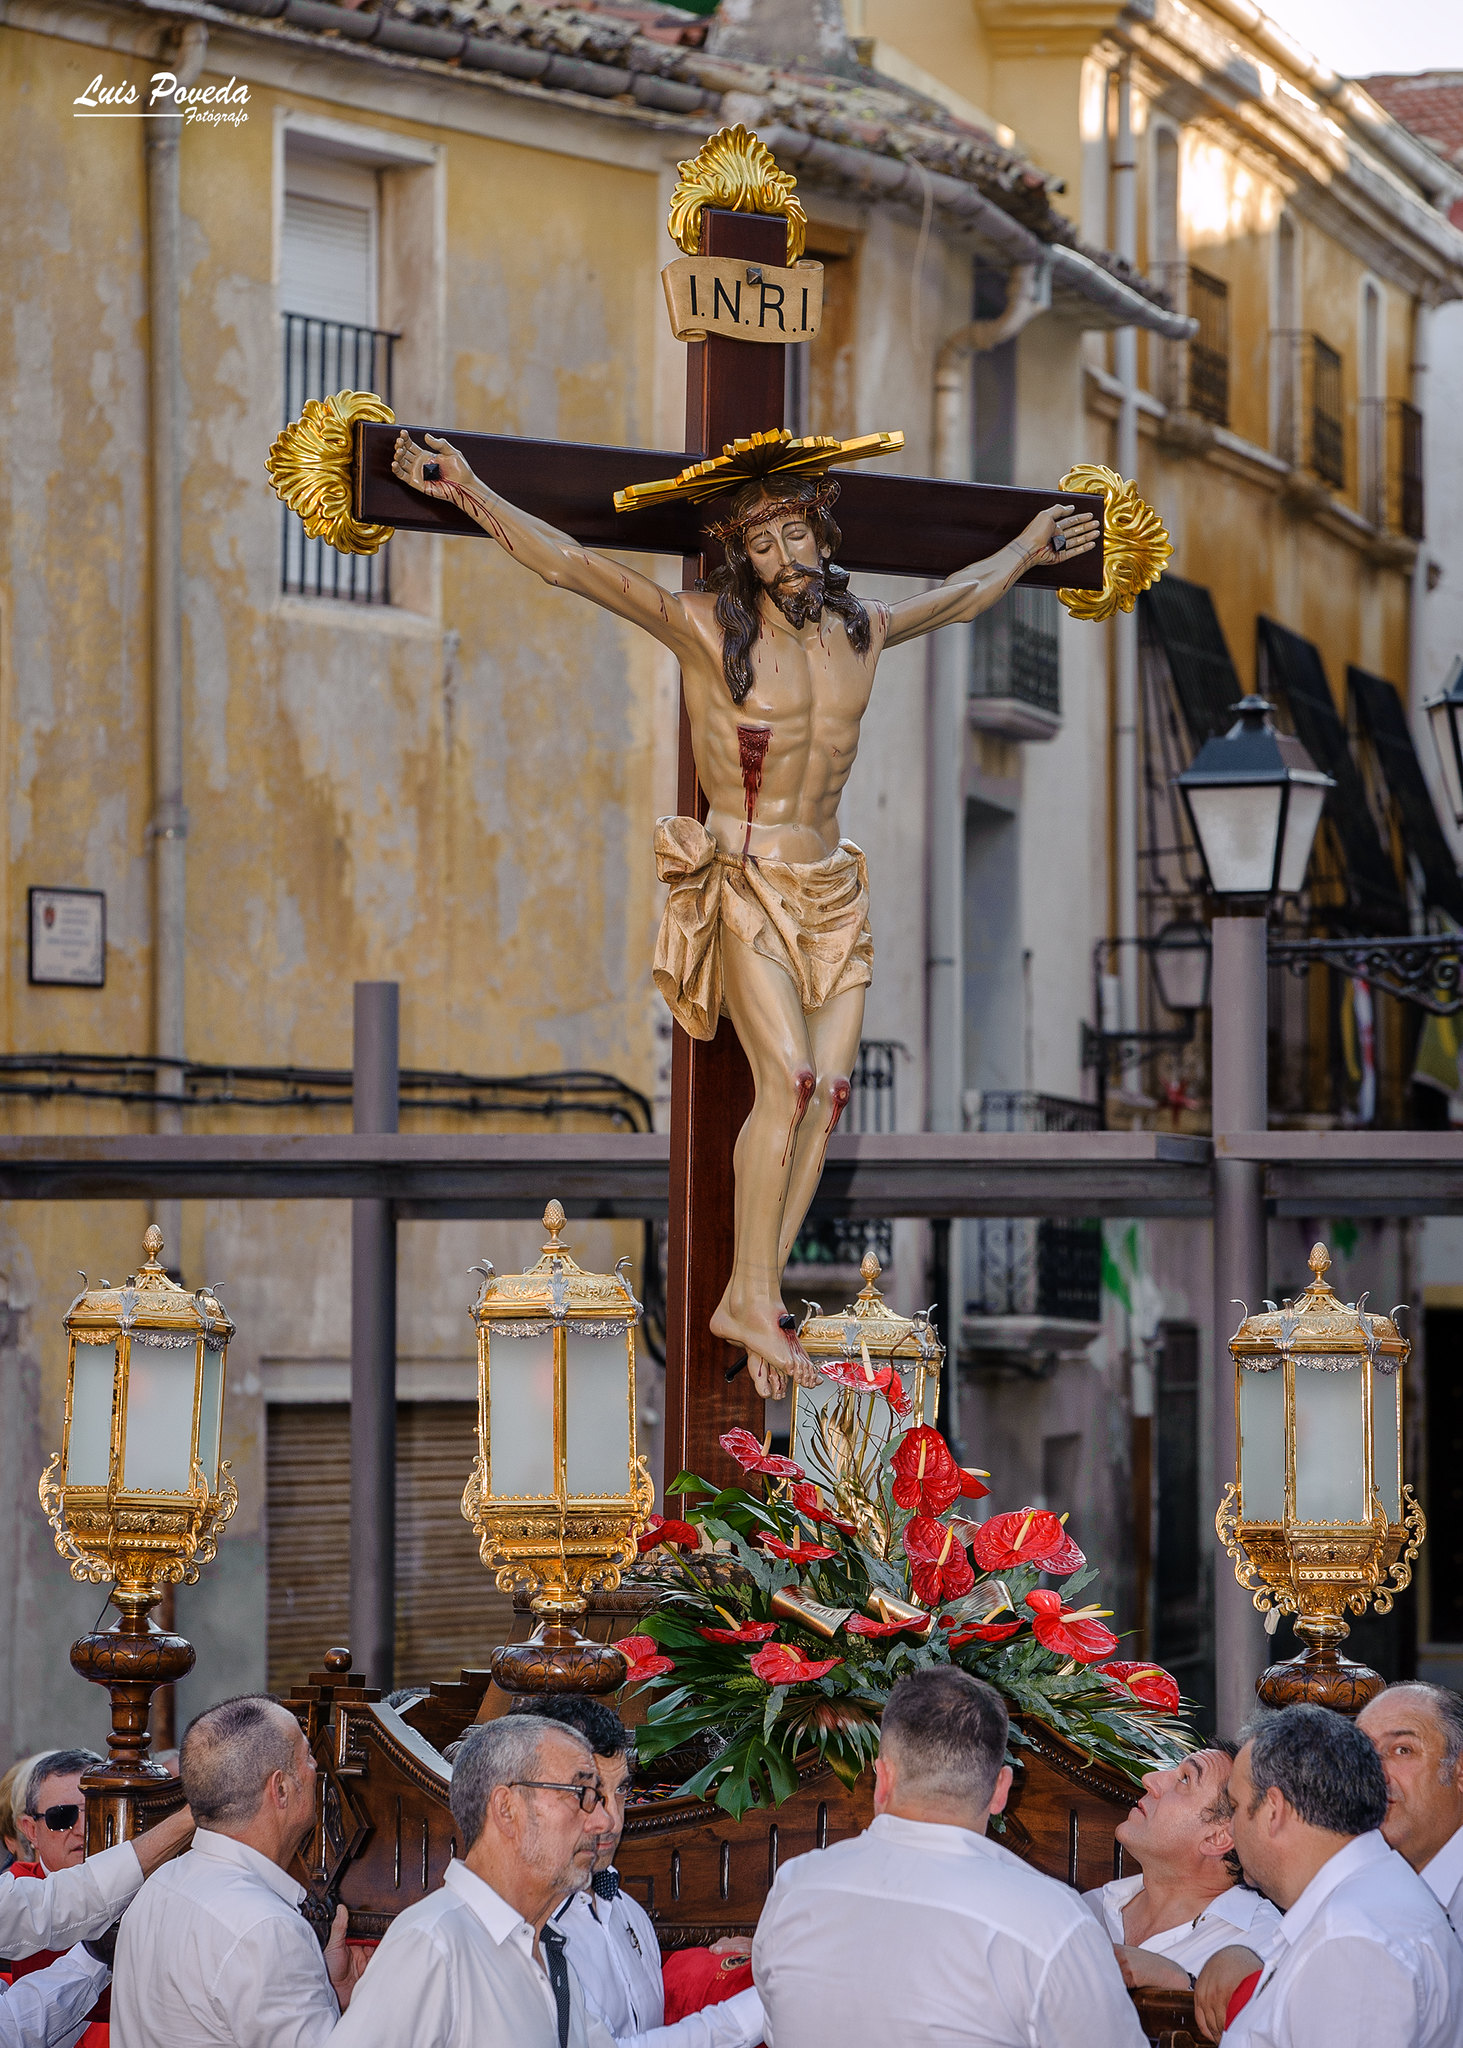 (2018-06-22) - Vía Crucis bajada - Luis Poveda Galiano (11)